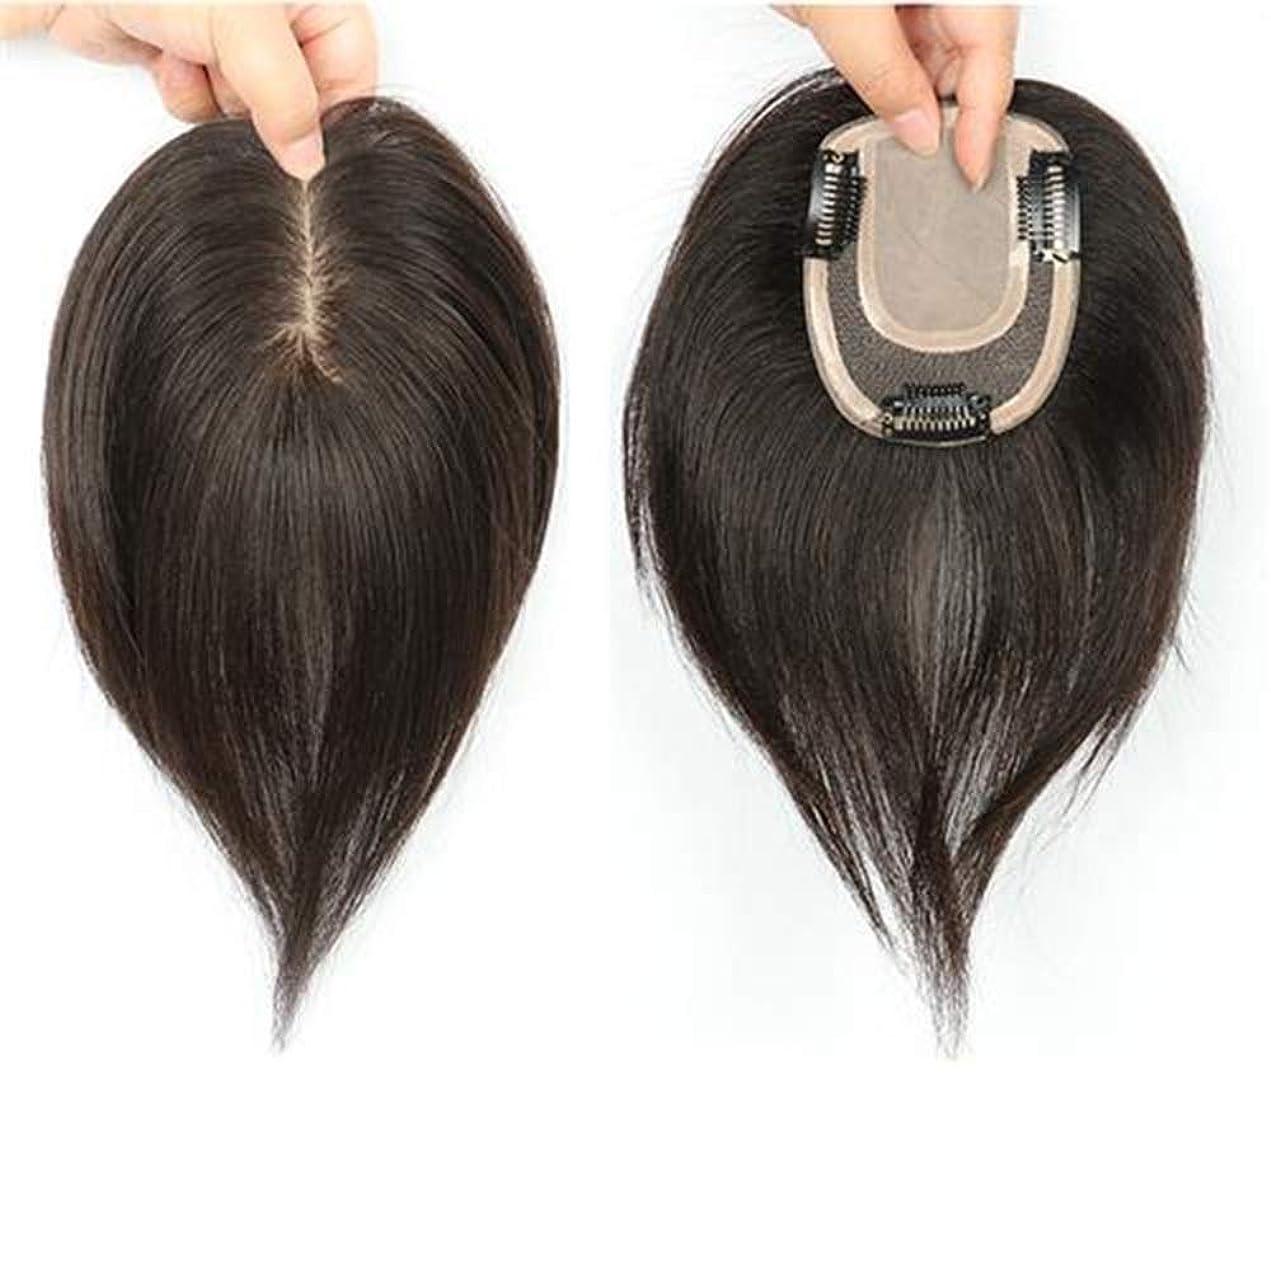 高尚なしなければならない宝Yrattary 自然なロングストレートヘアフルハンドウィッグリアルヘアウィッグ女性のための人工毛レースのかつらロールプレイングウィッグロングとショートの女性自然 (色 : Natural color, サイズ : 25cm)